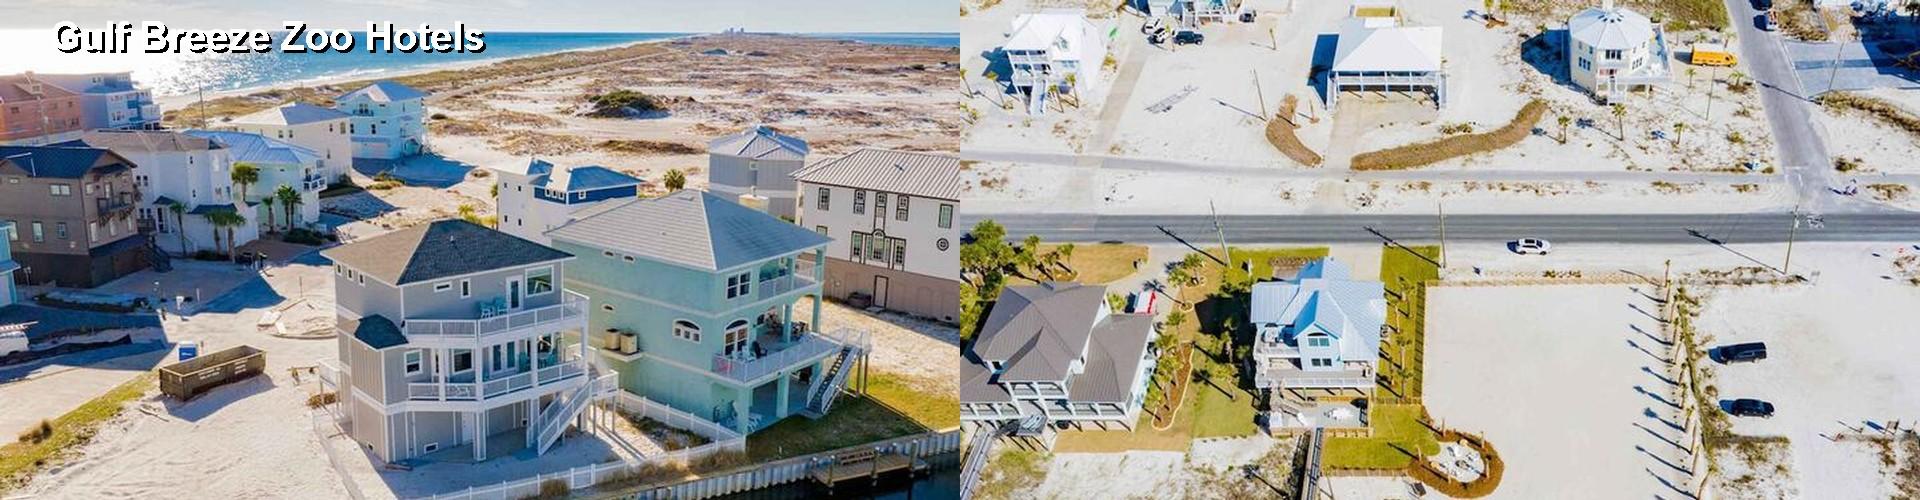 5 Best Hotels Near Gulf Breeze Zoo